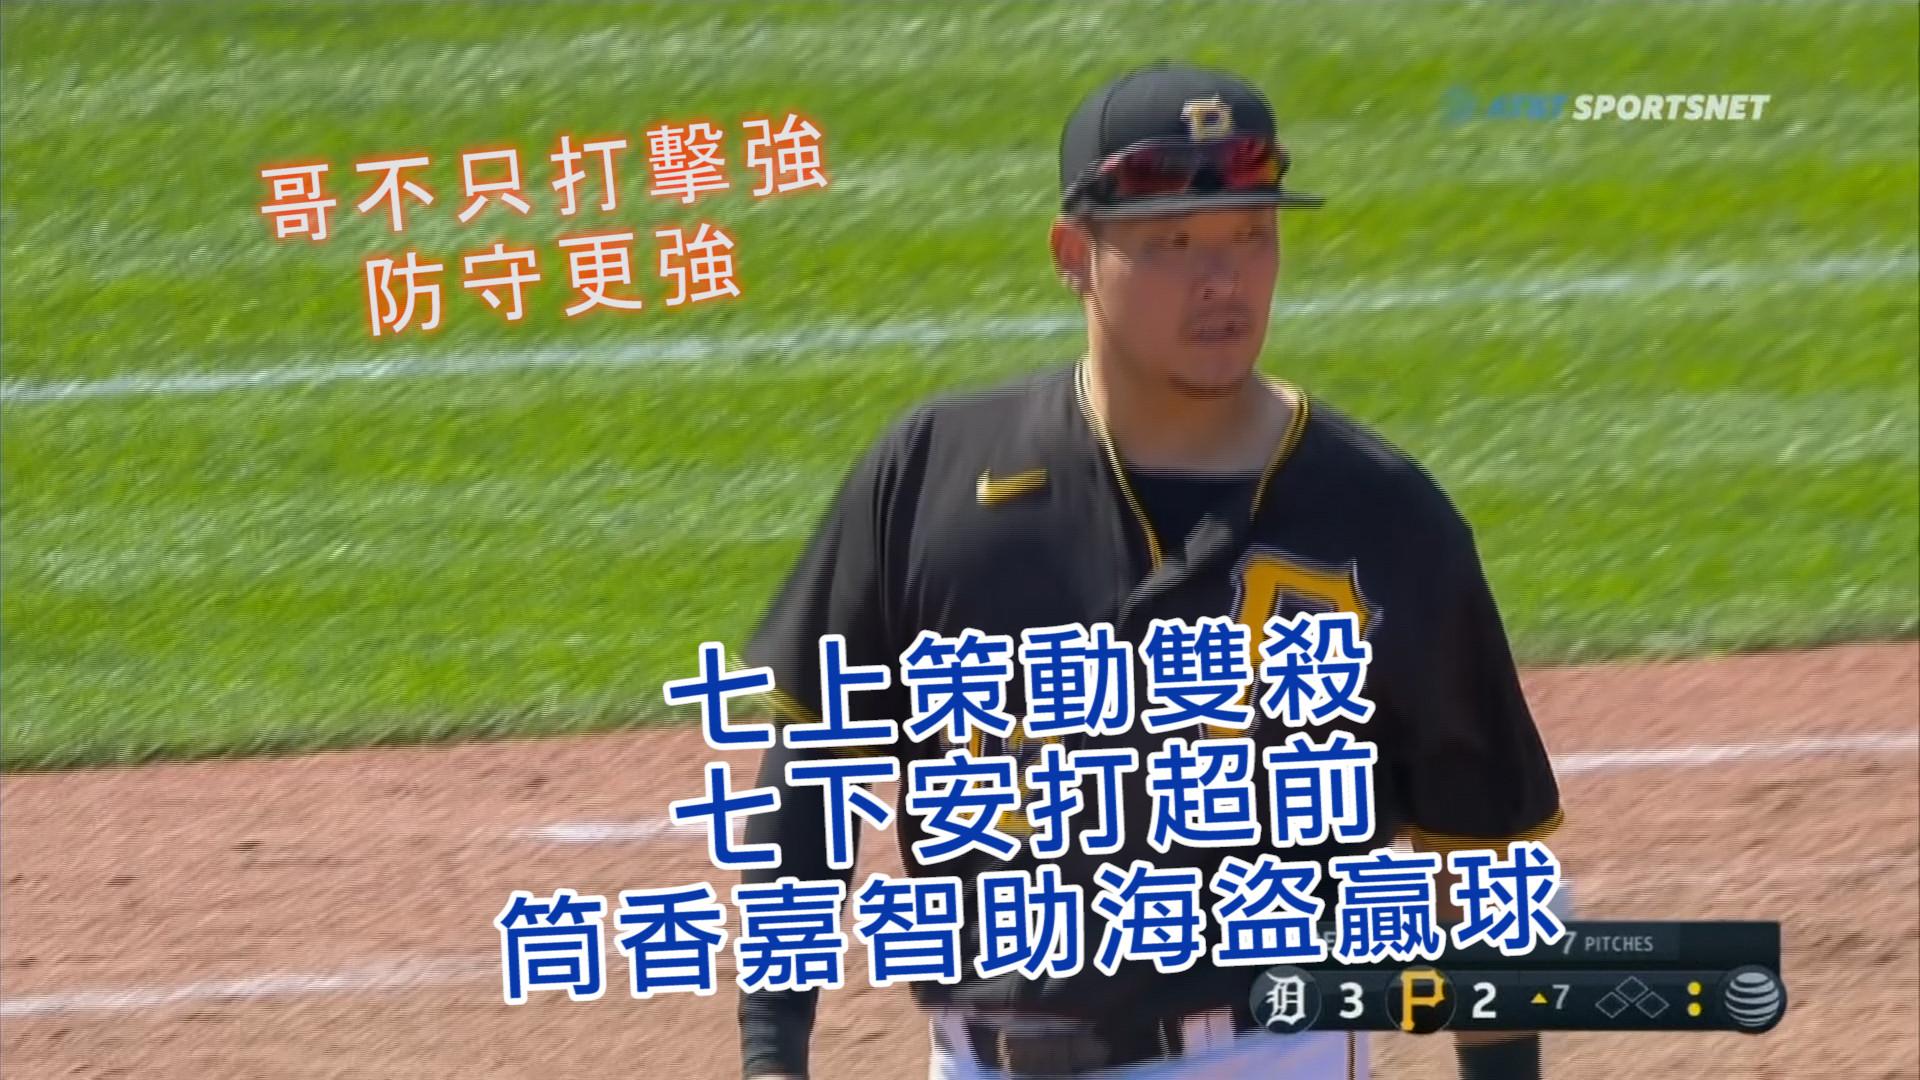 【MLB看愛爾達】海盜的筒香太強 重要攻守助隊贏球 09/07